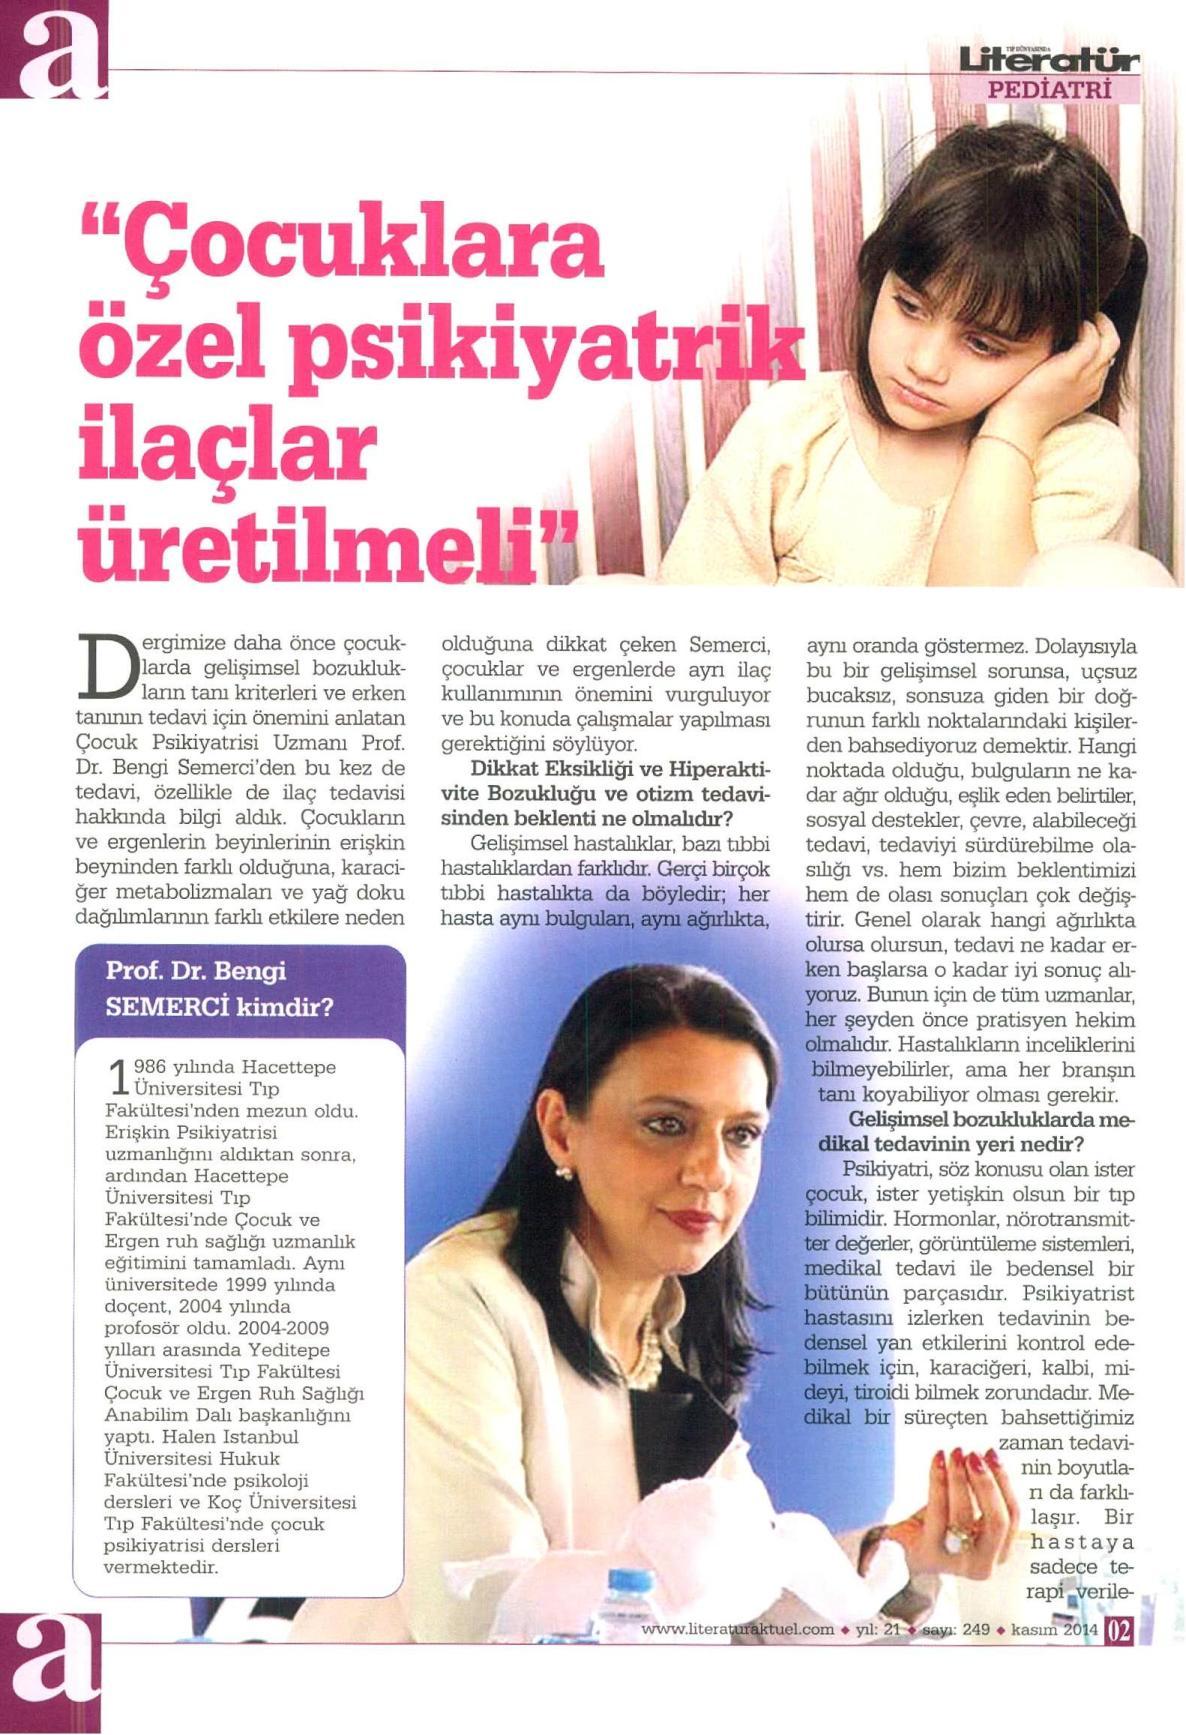 Çocuklara özel psikiyatrik ilaçlar üretilmeli - LİTERATÜR AKTÜEL 01.11.2014